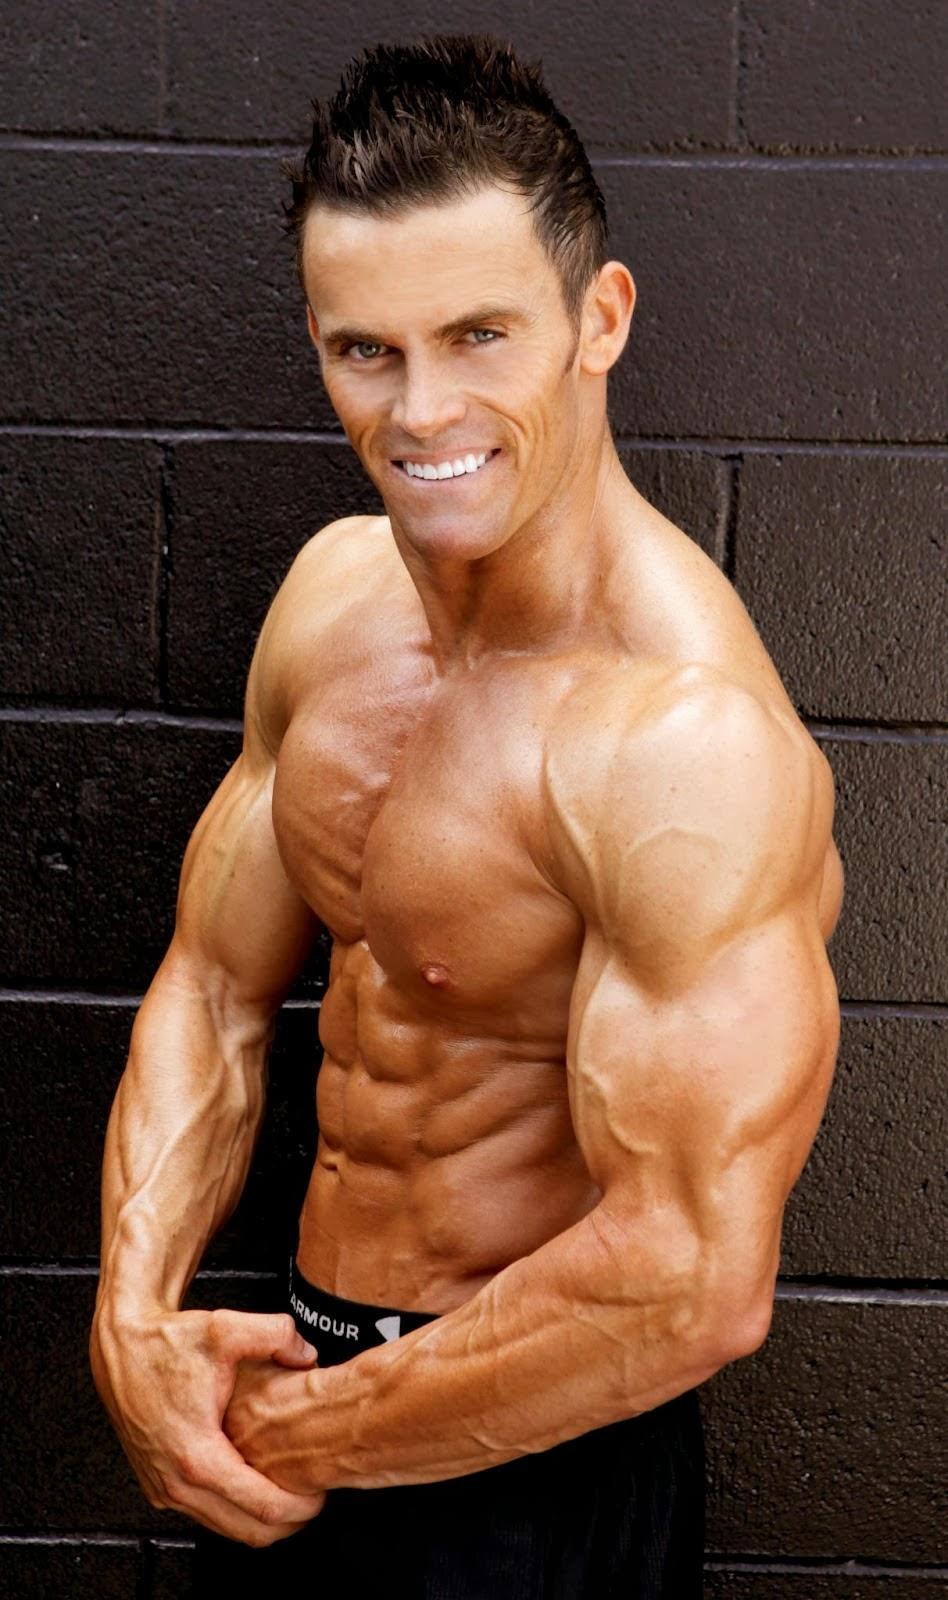 Male bodybuiders xxx pic 29